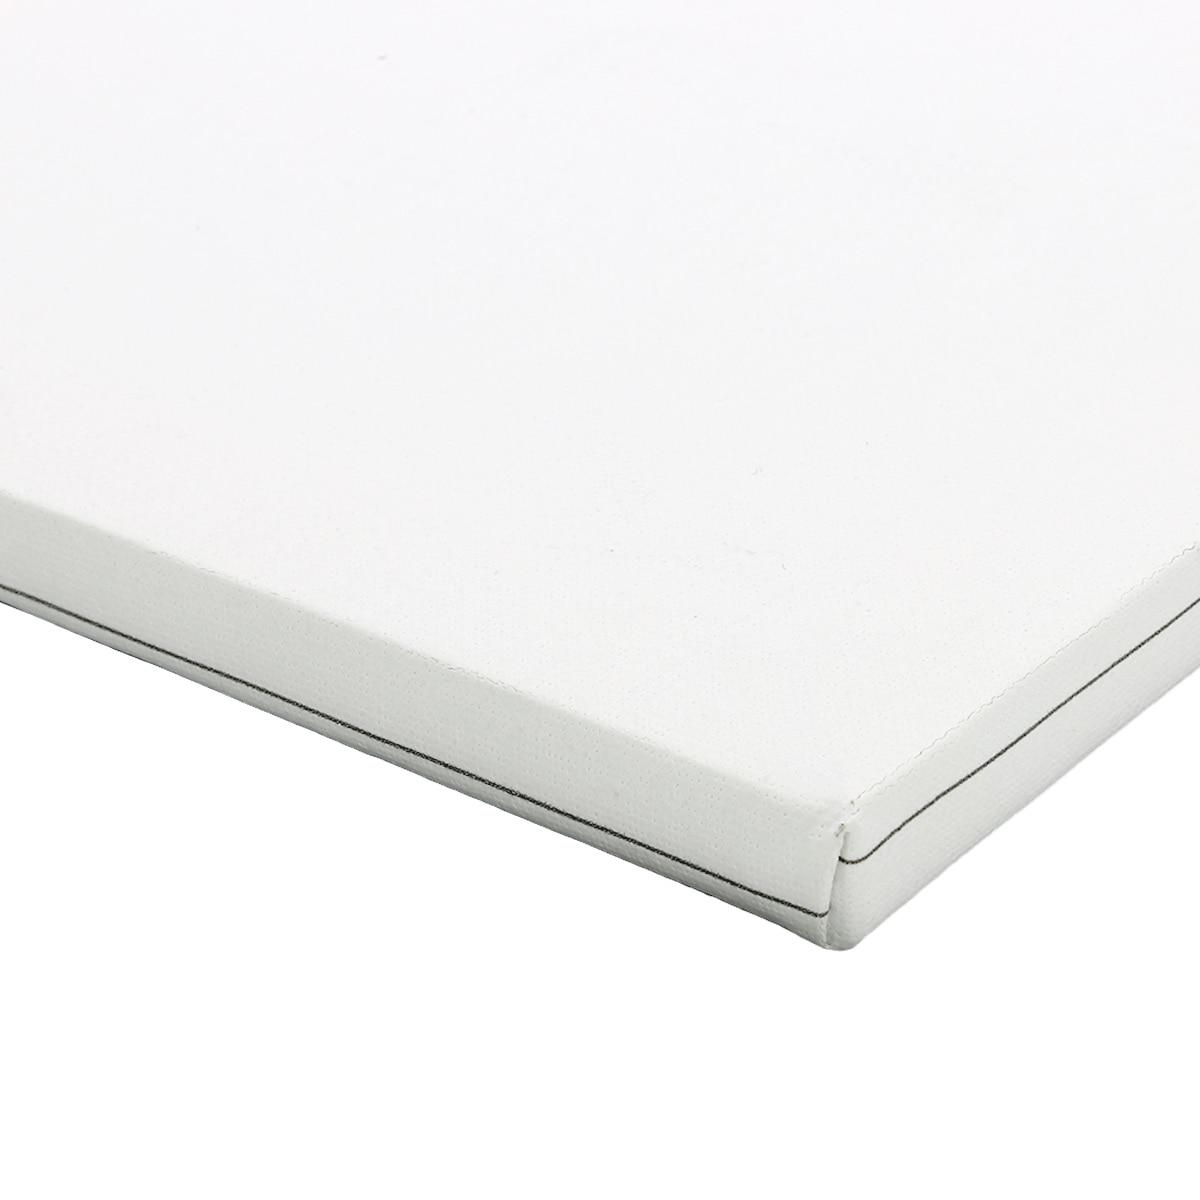 Hs9003 Canvas On Stretcher Cotton 20*30 Cm